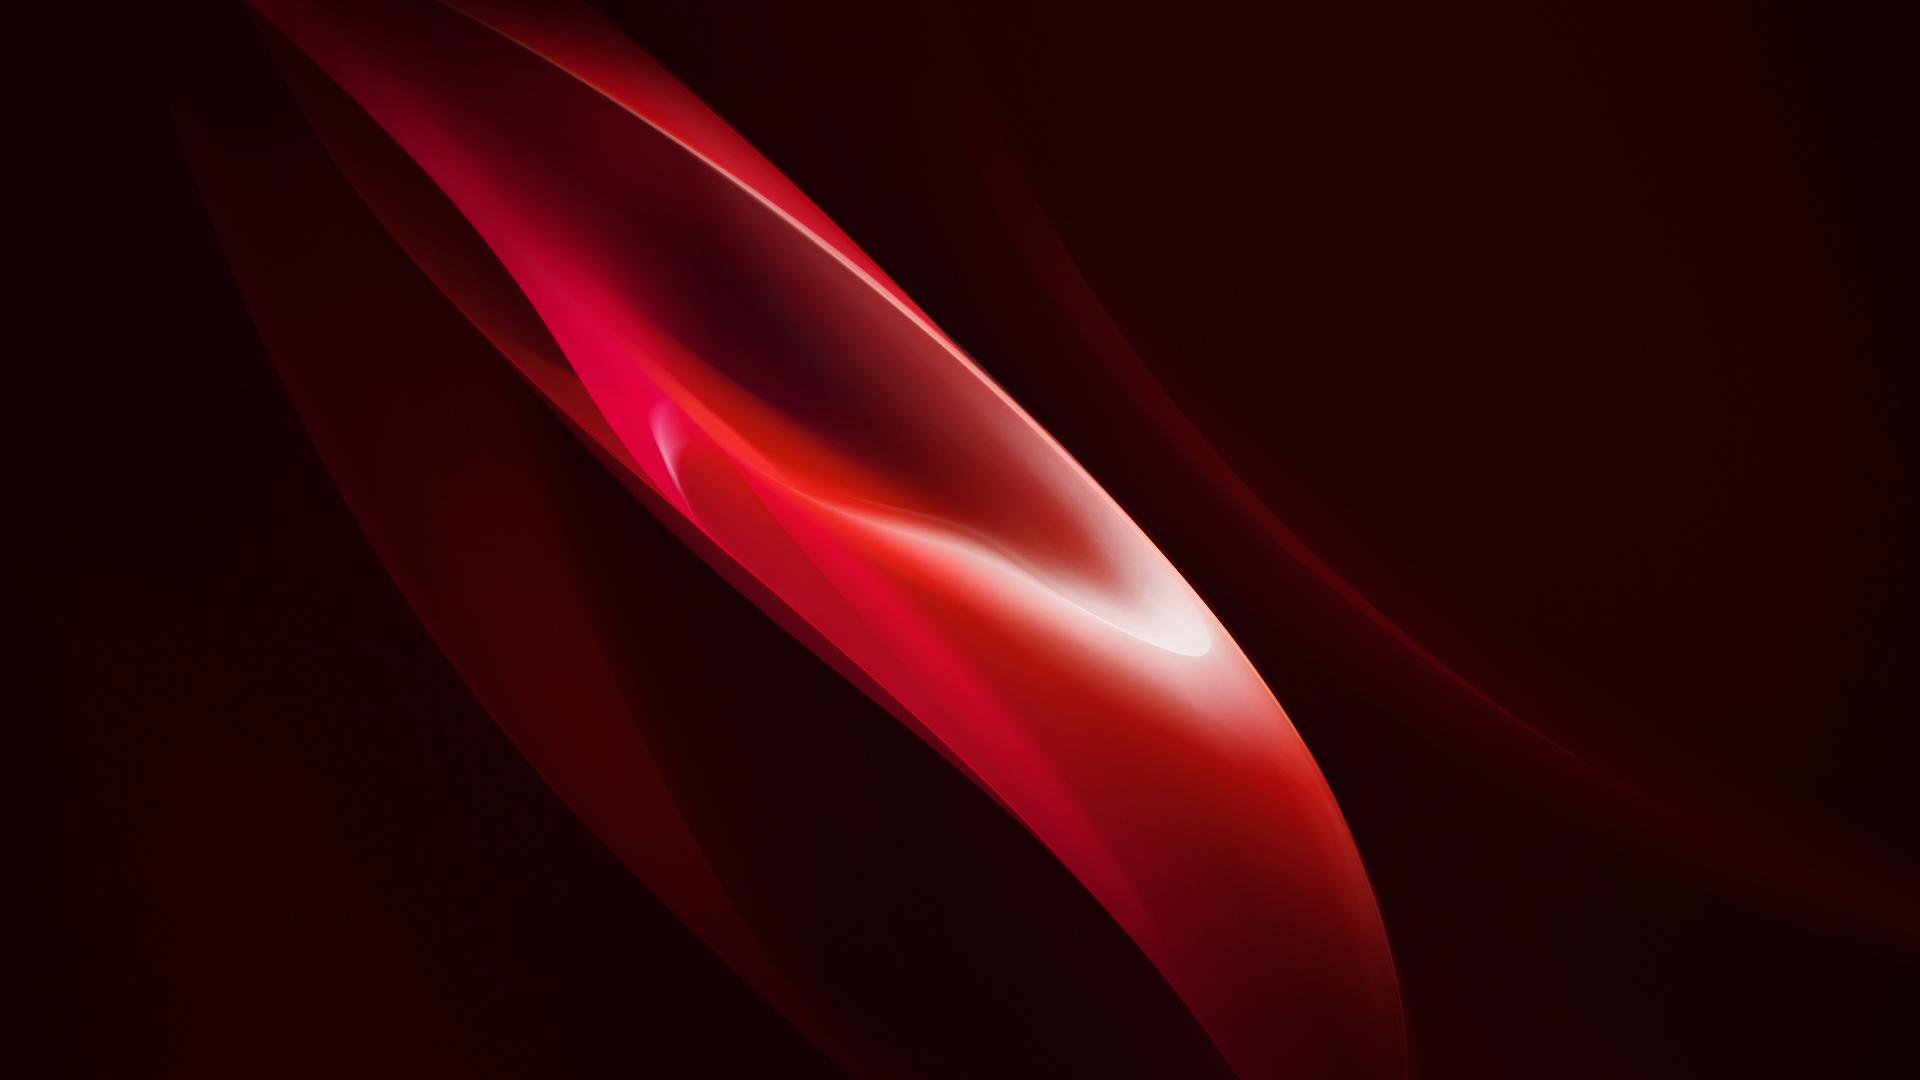 Красный шток тесемки oppo r15 обои скачать